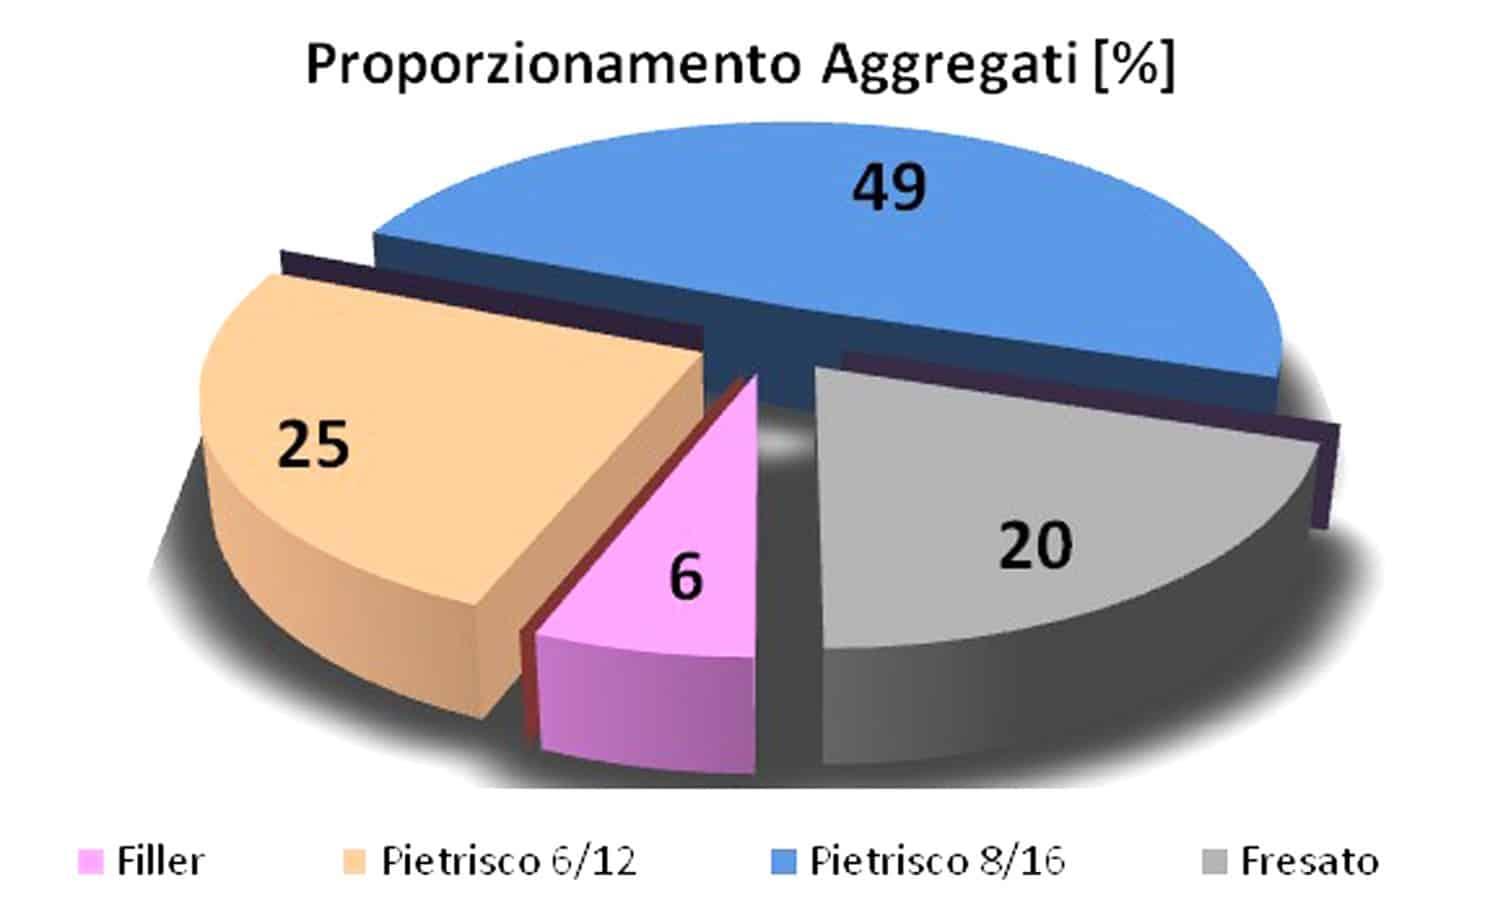 Il proporzionamento degli aggregati della miscela Anti-Richiamo Lesioni